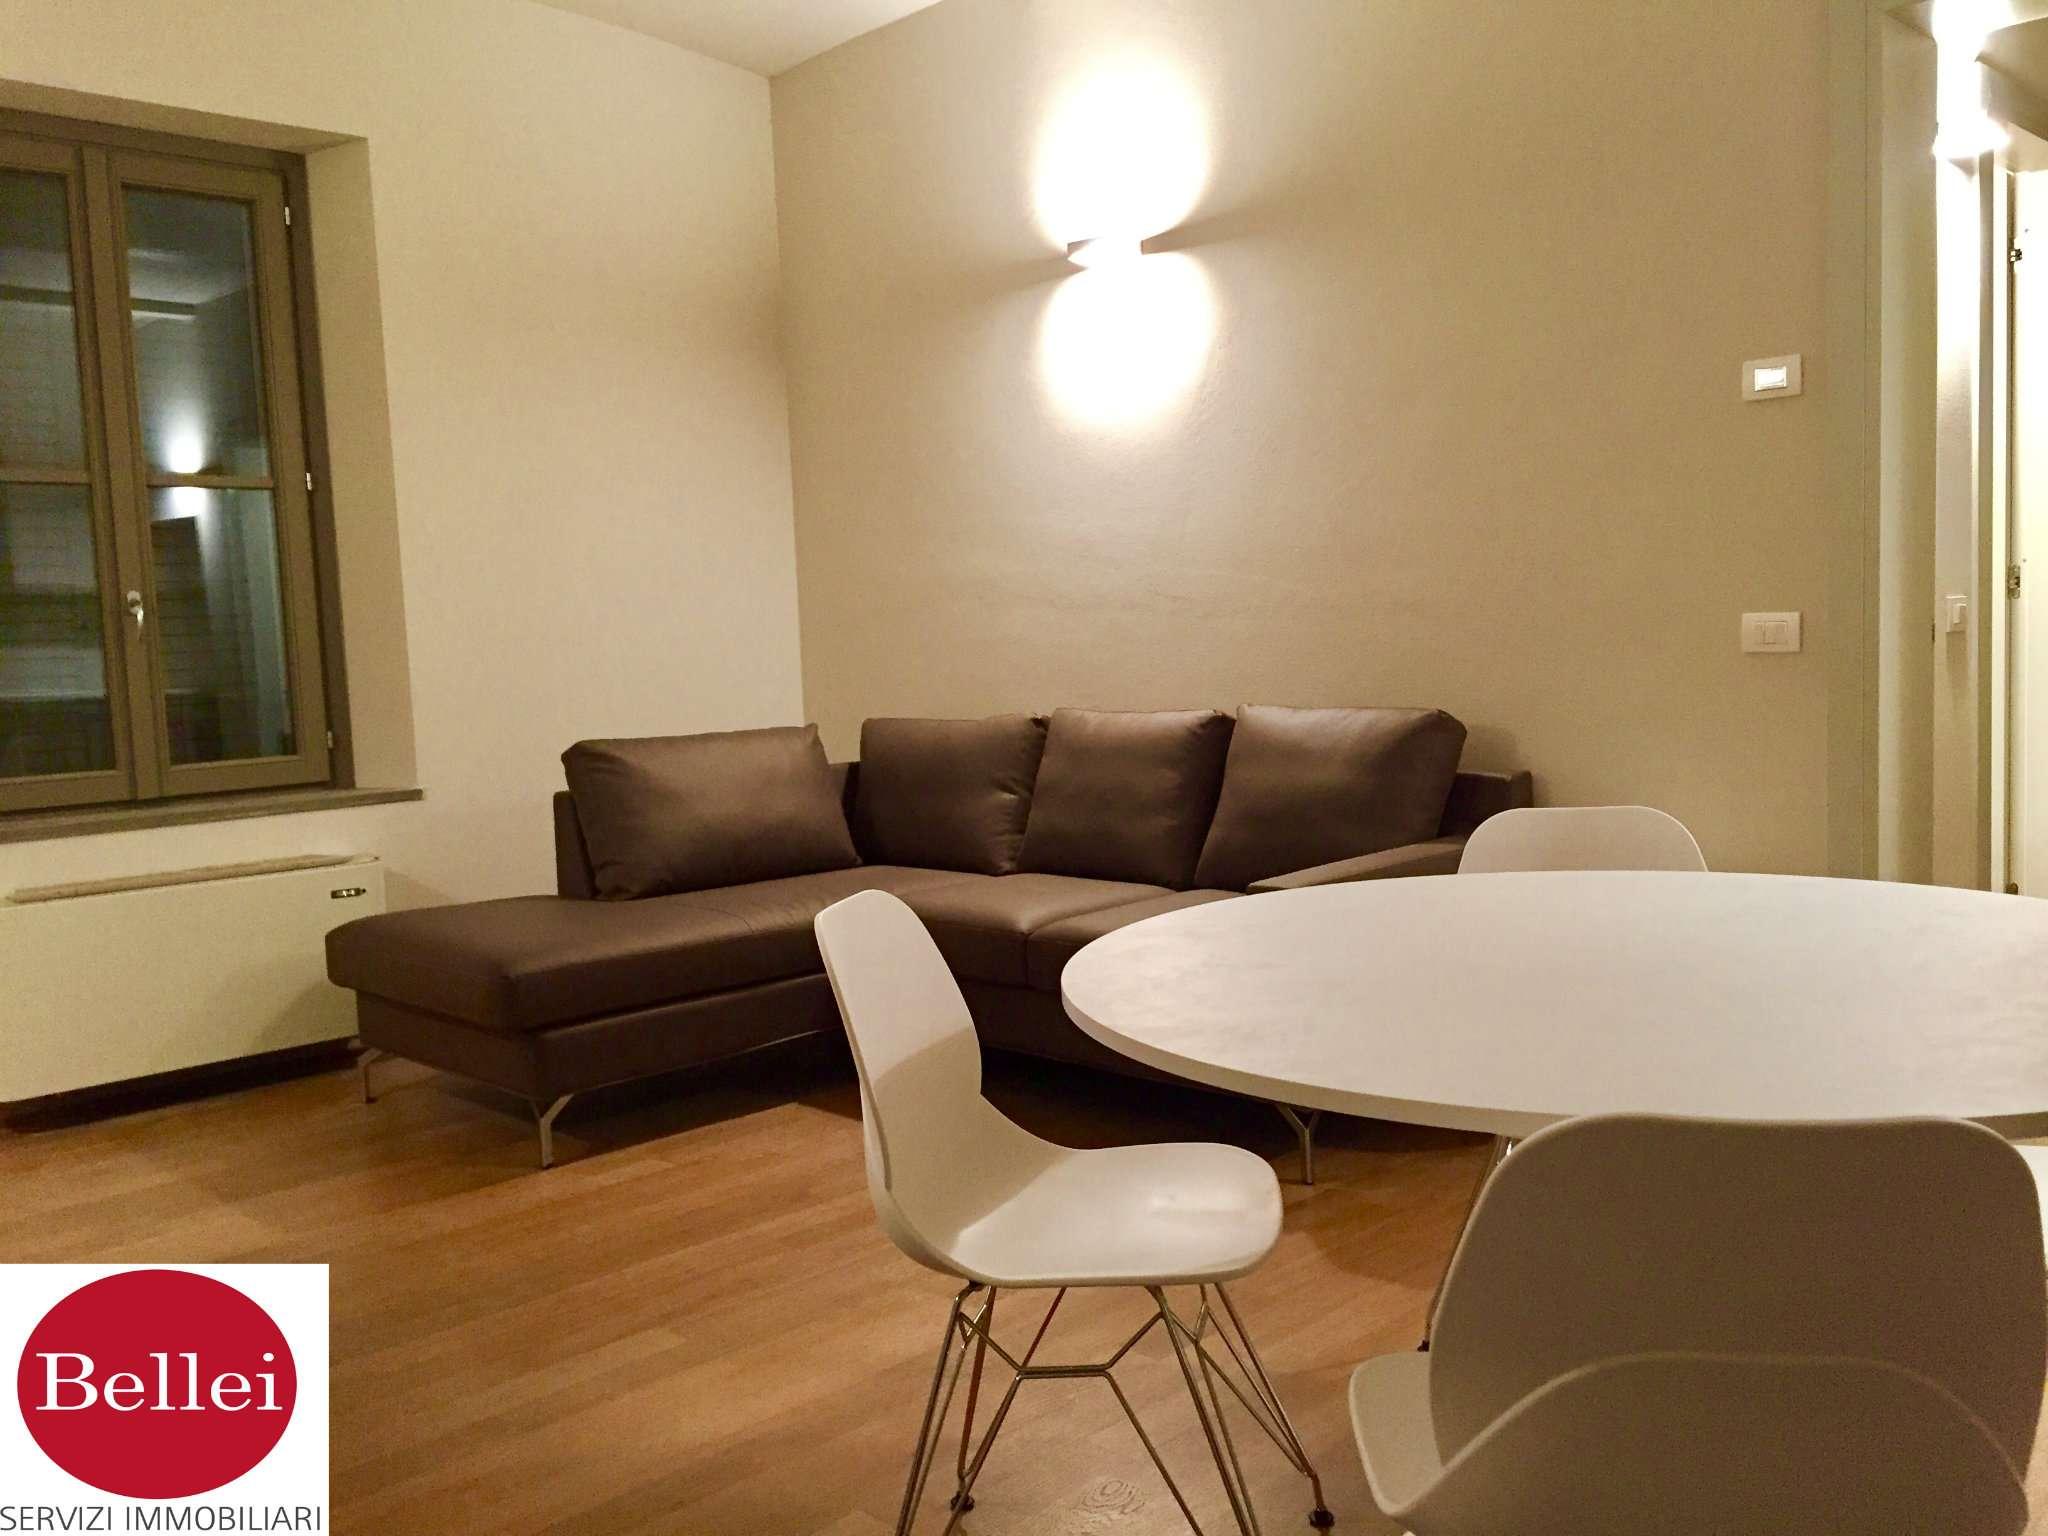 Appartamento in affitto a Sassuolo, 4 locali, prezzo € 700 | CambioCasa.it